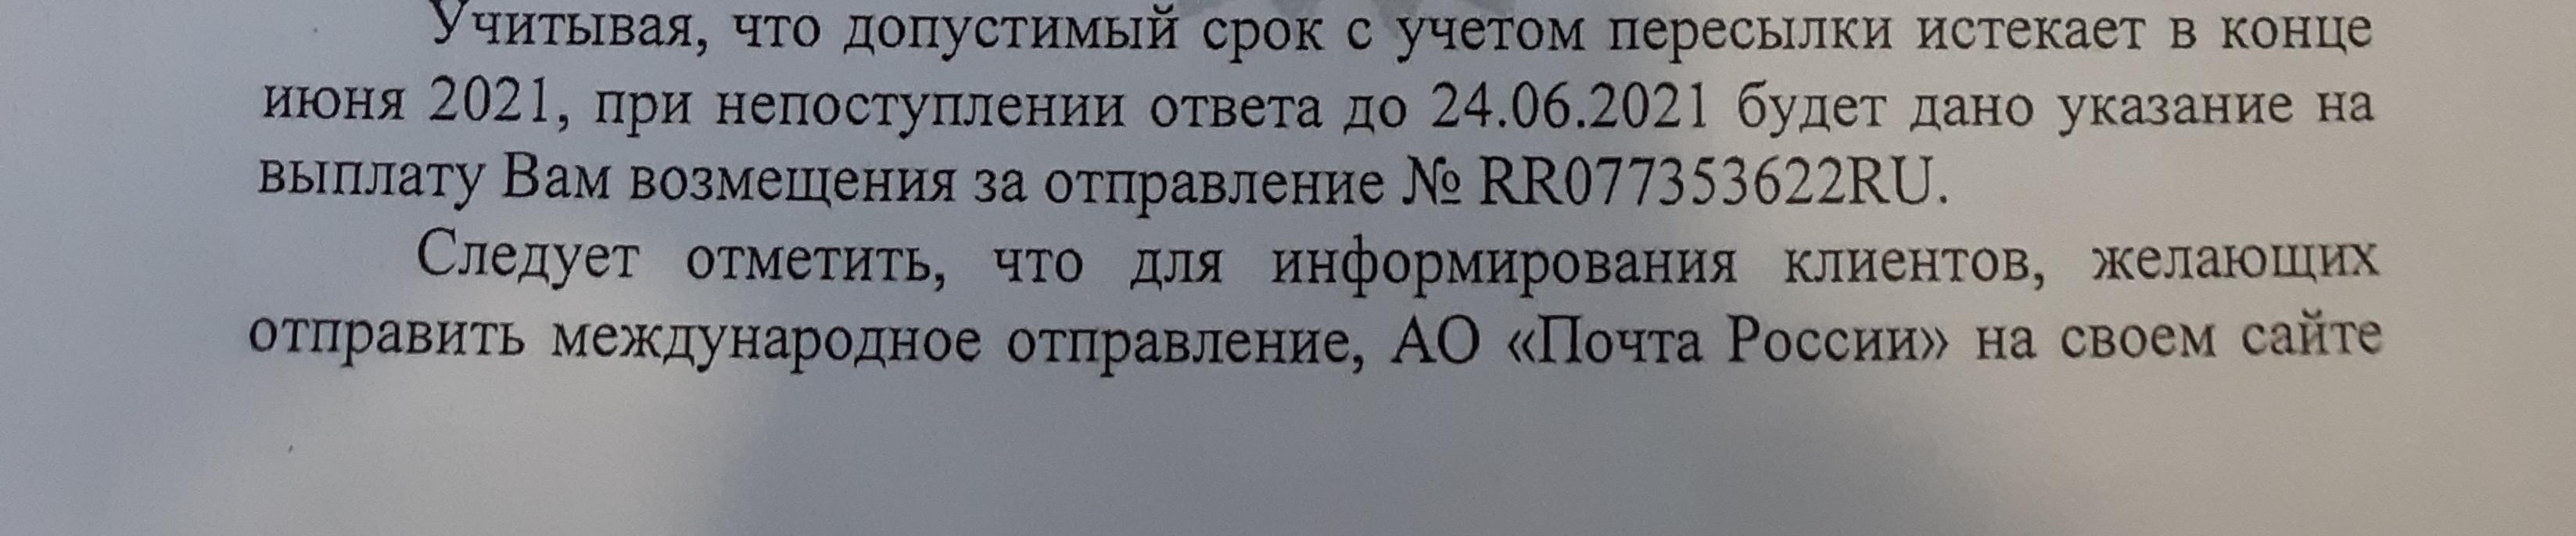 20210617_194240.jpg